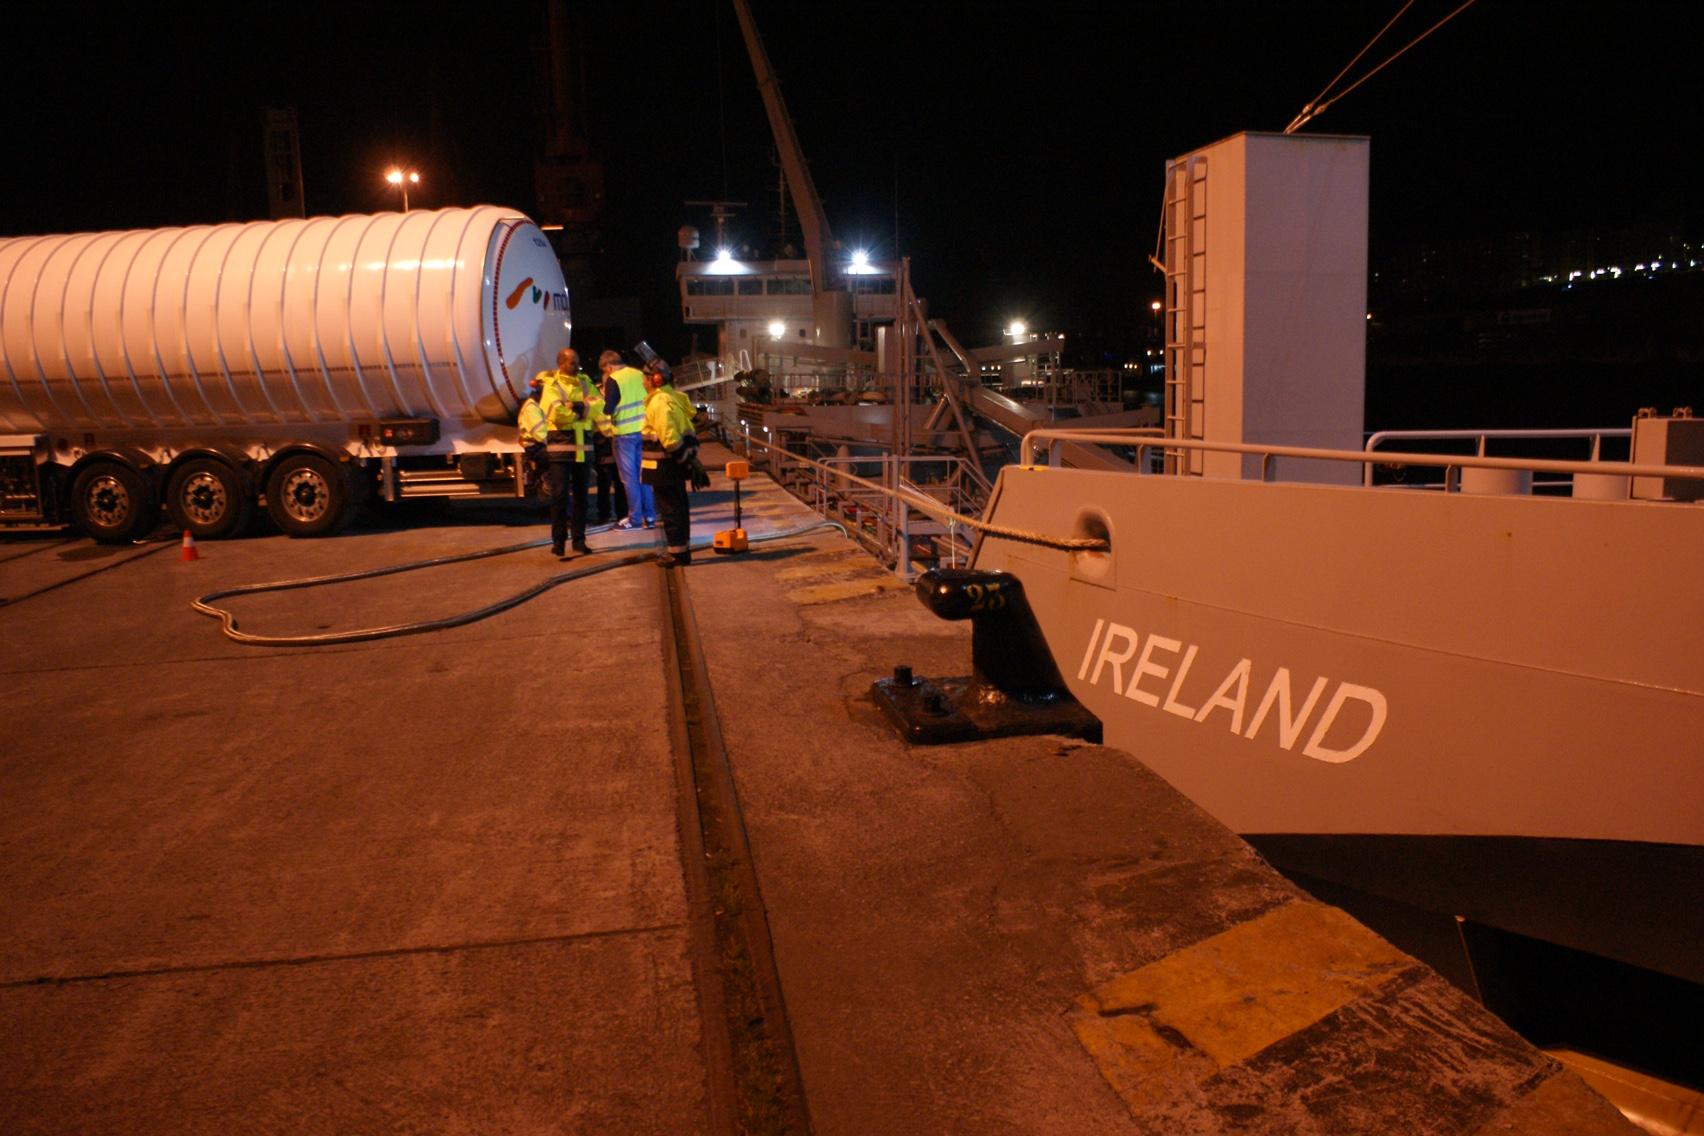 suministro de gas natural licuado como combustible a un buque